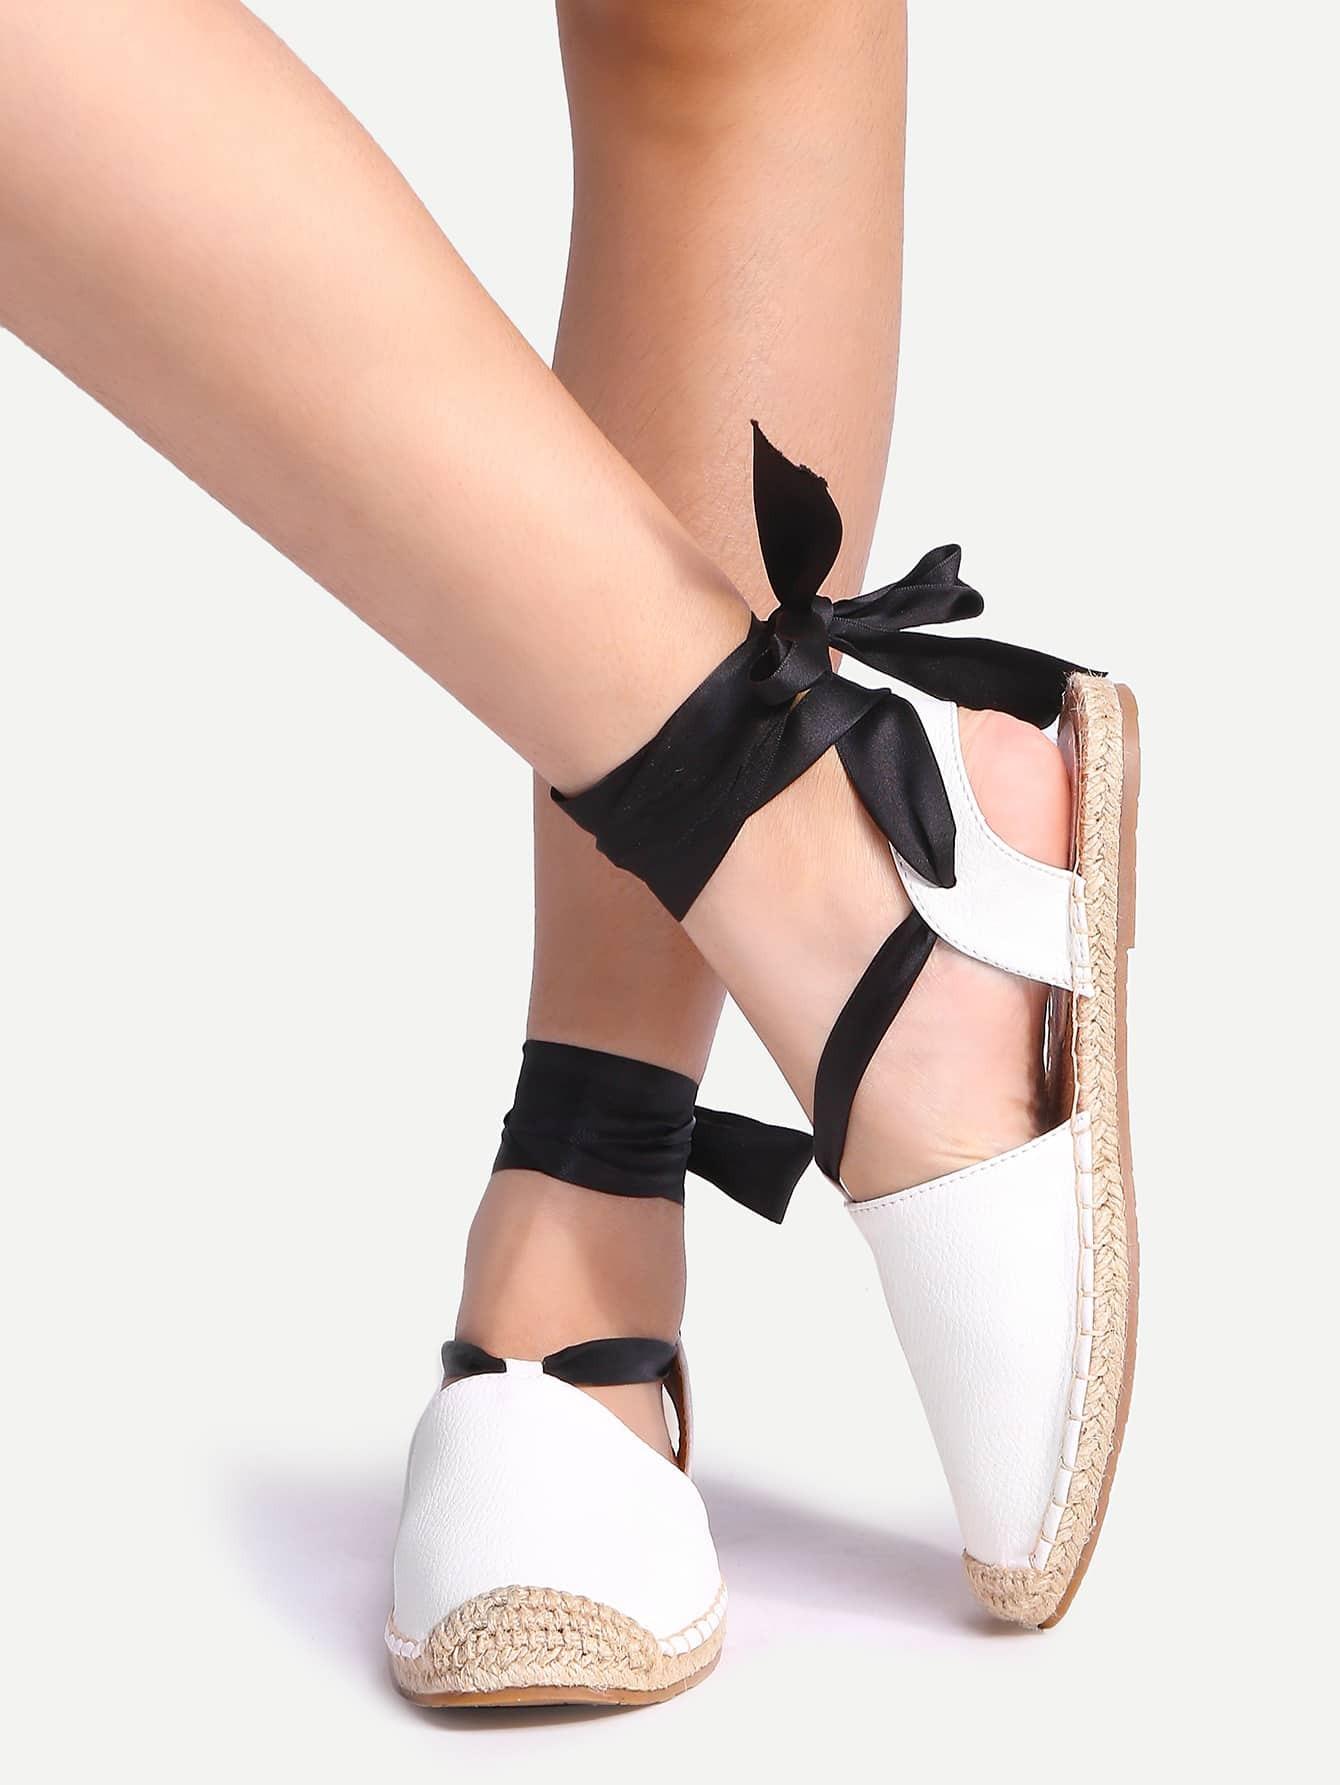 shoes160728808_2